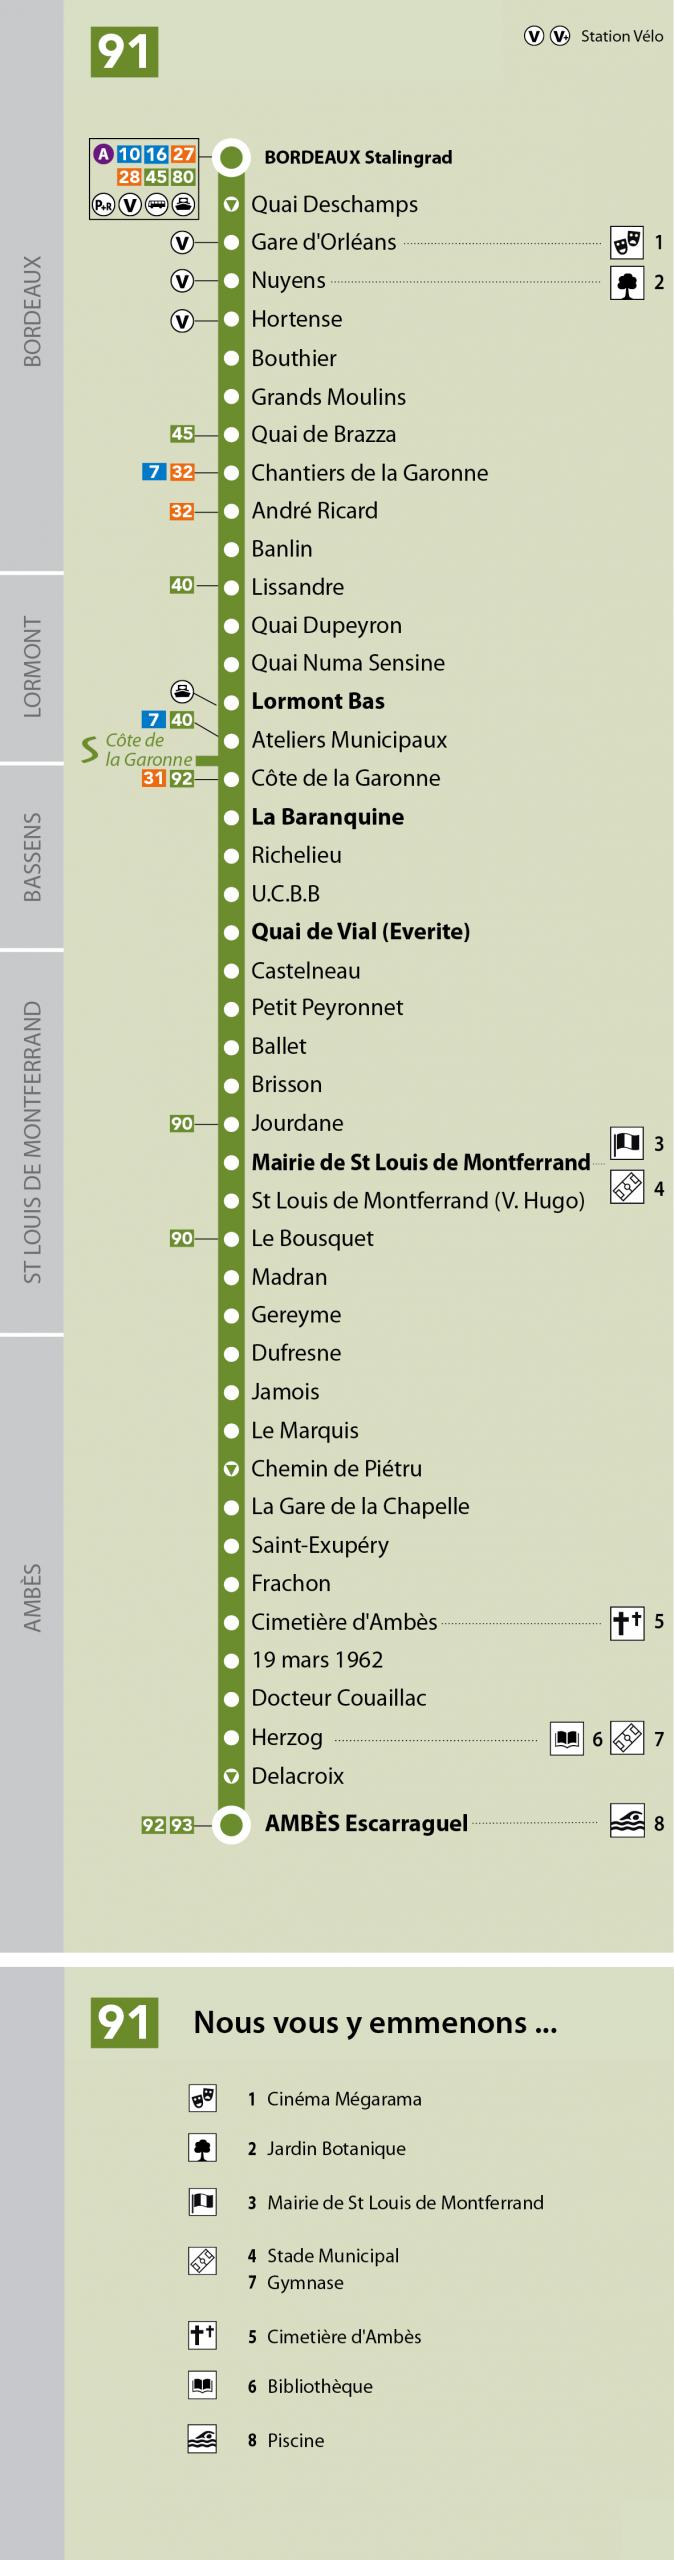 Horaires Bus Ligne 91 | Tbm - Transports Bordeaux Métropole tout Piscine Ambes